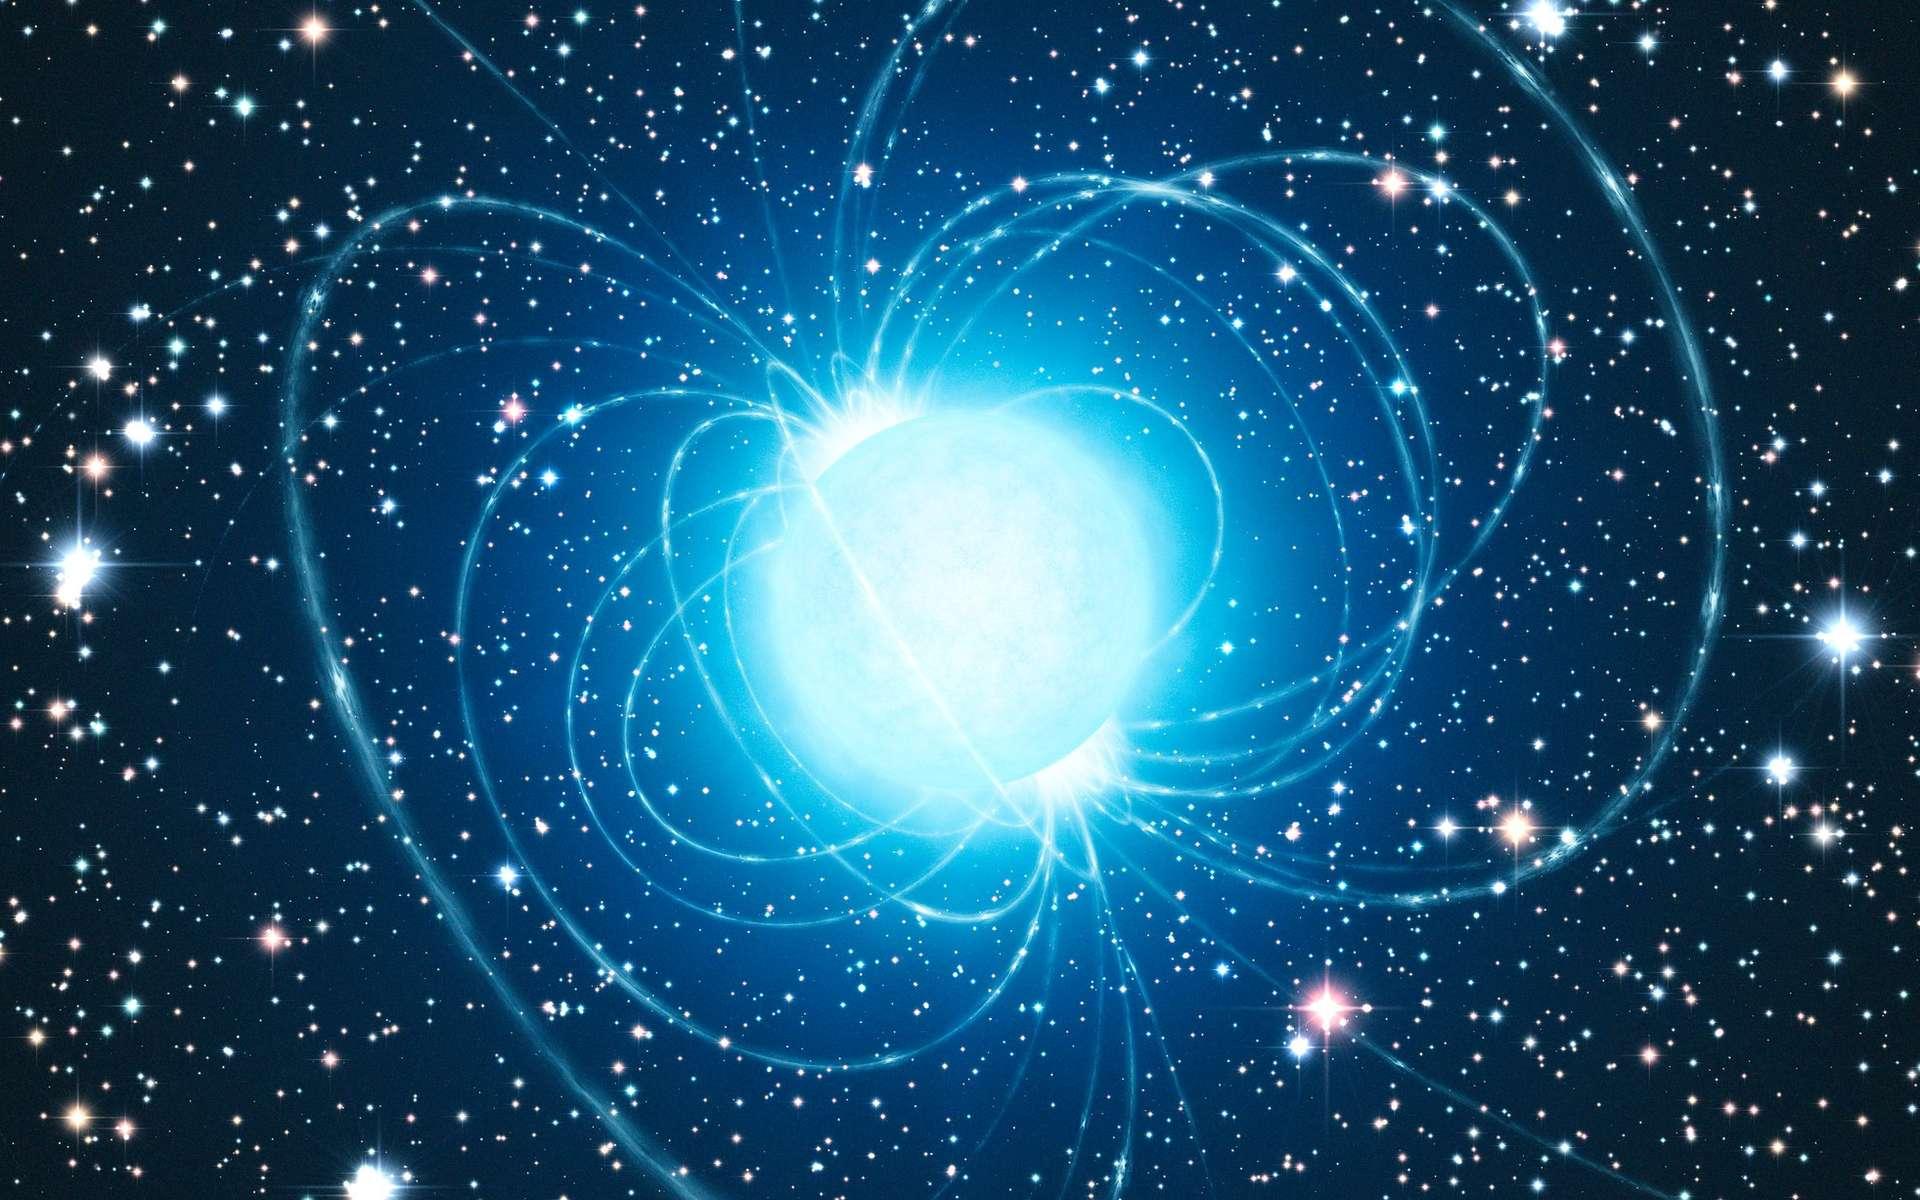 Une vue d'artiste d'une étoiles à neutrons. Les lignes de champ magnétique sont représentées. © ESO, L. Calçada